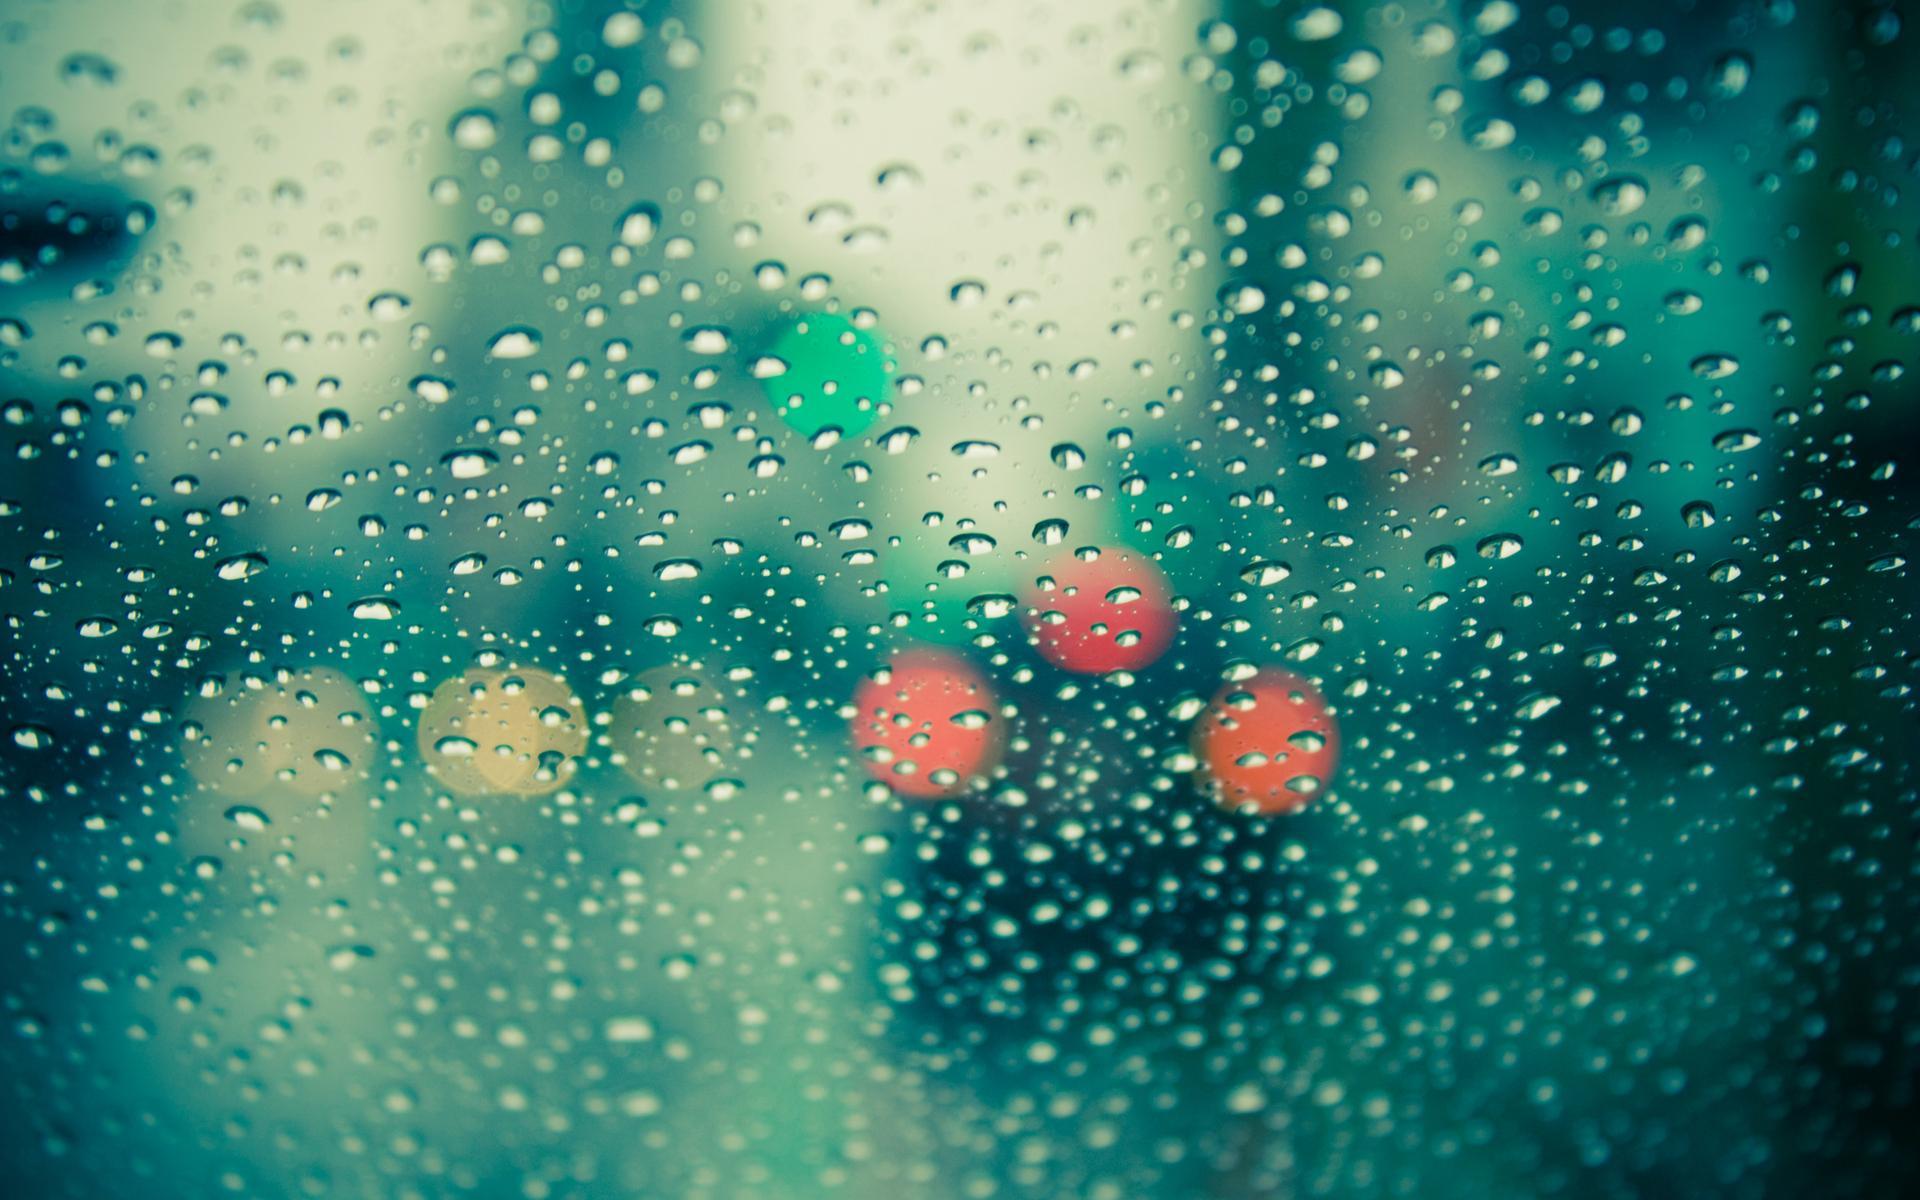 дождь картинка на рабочий стол